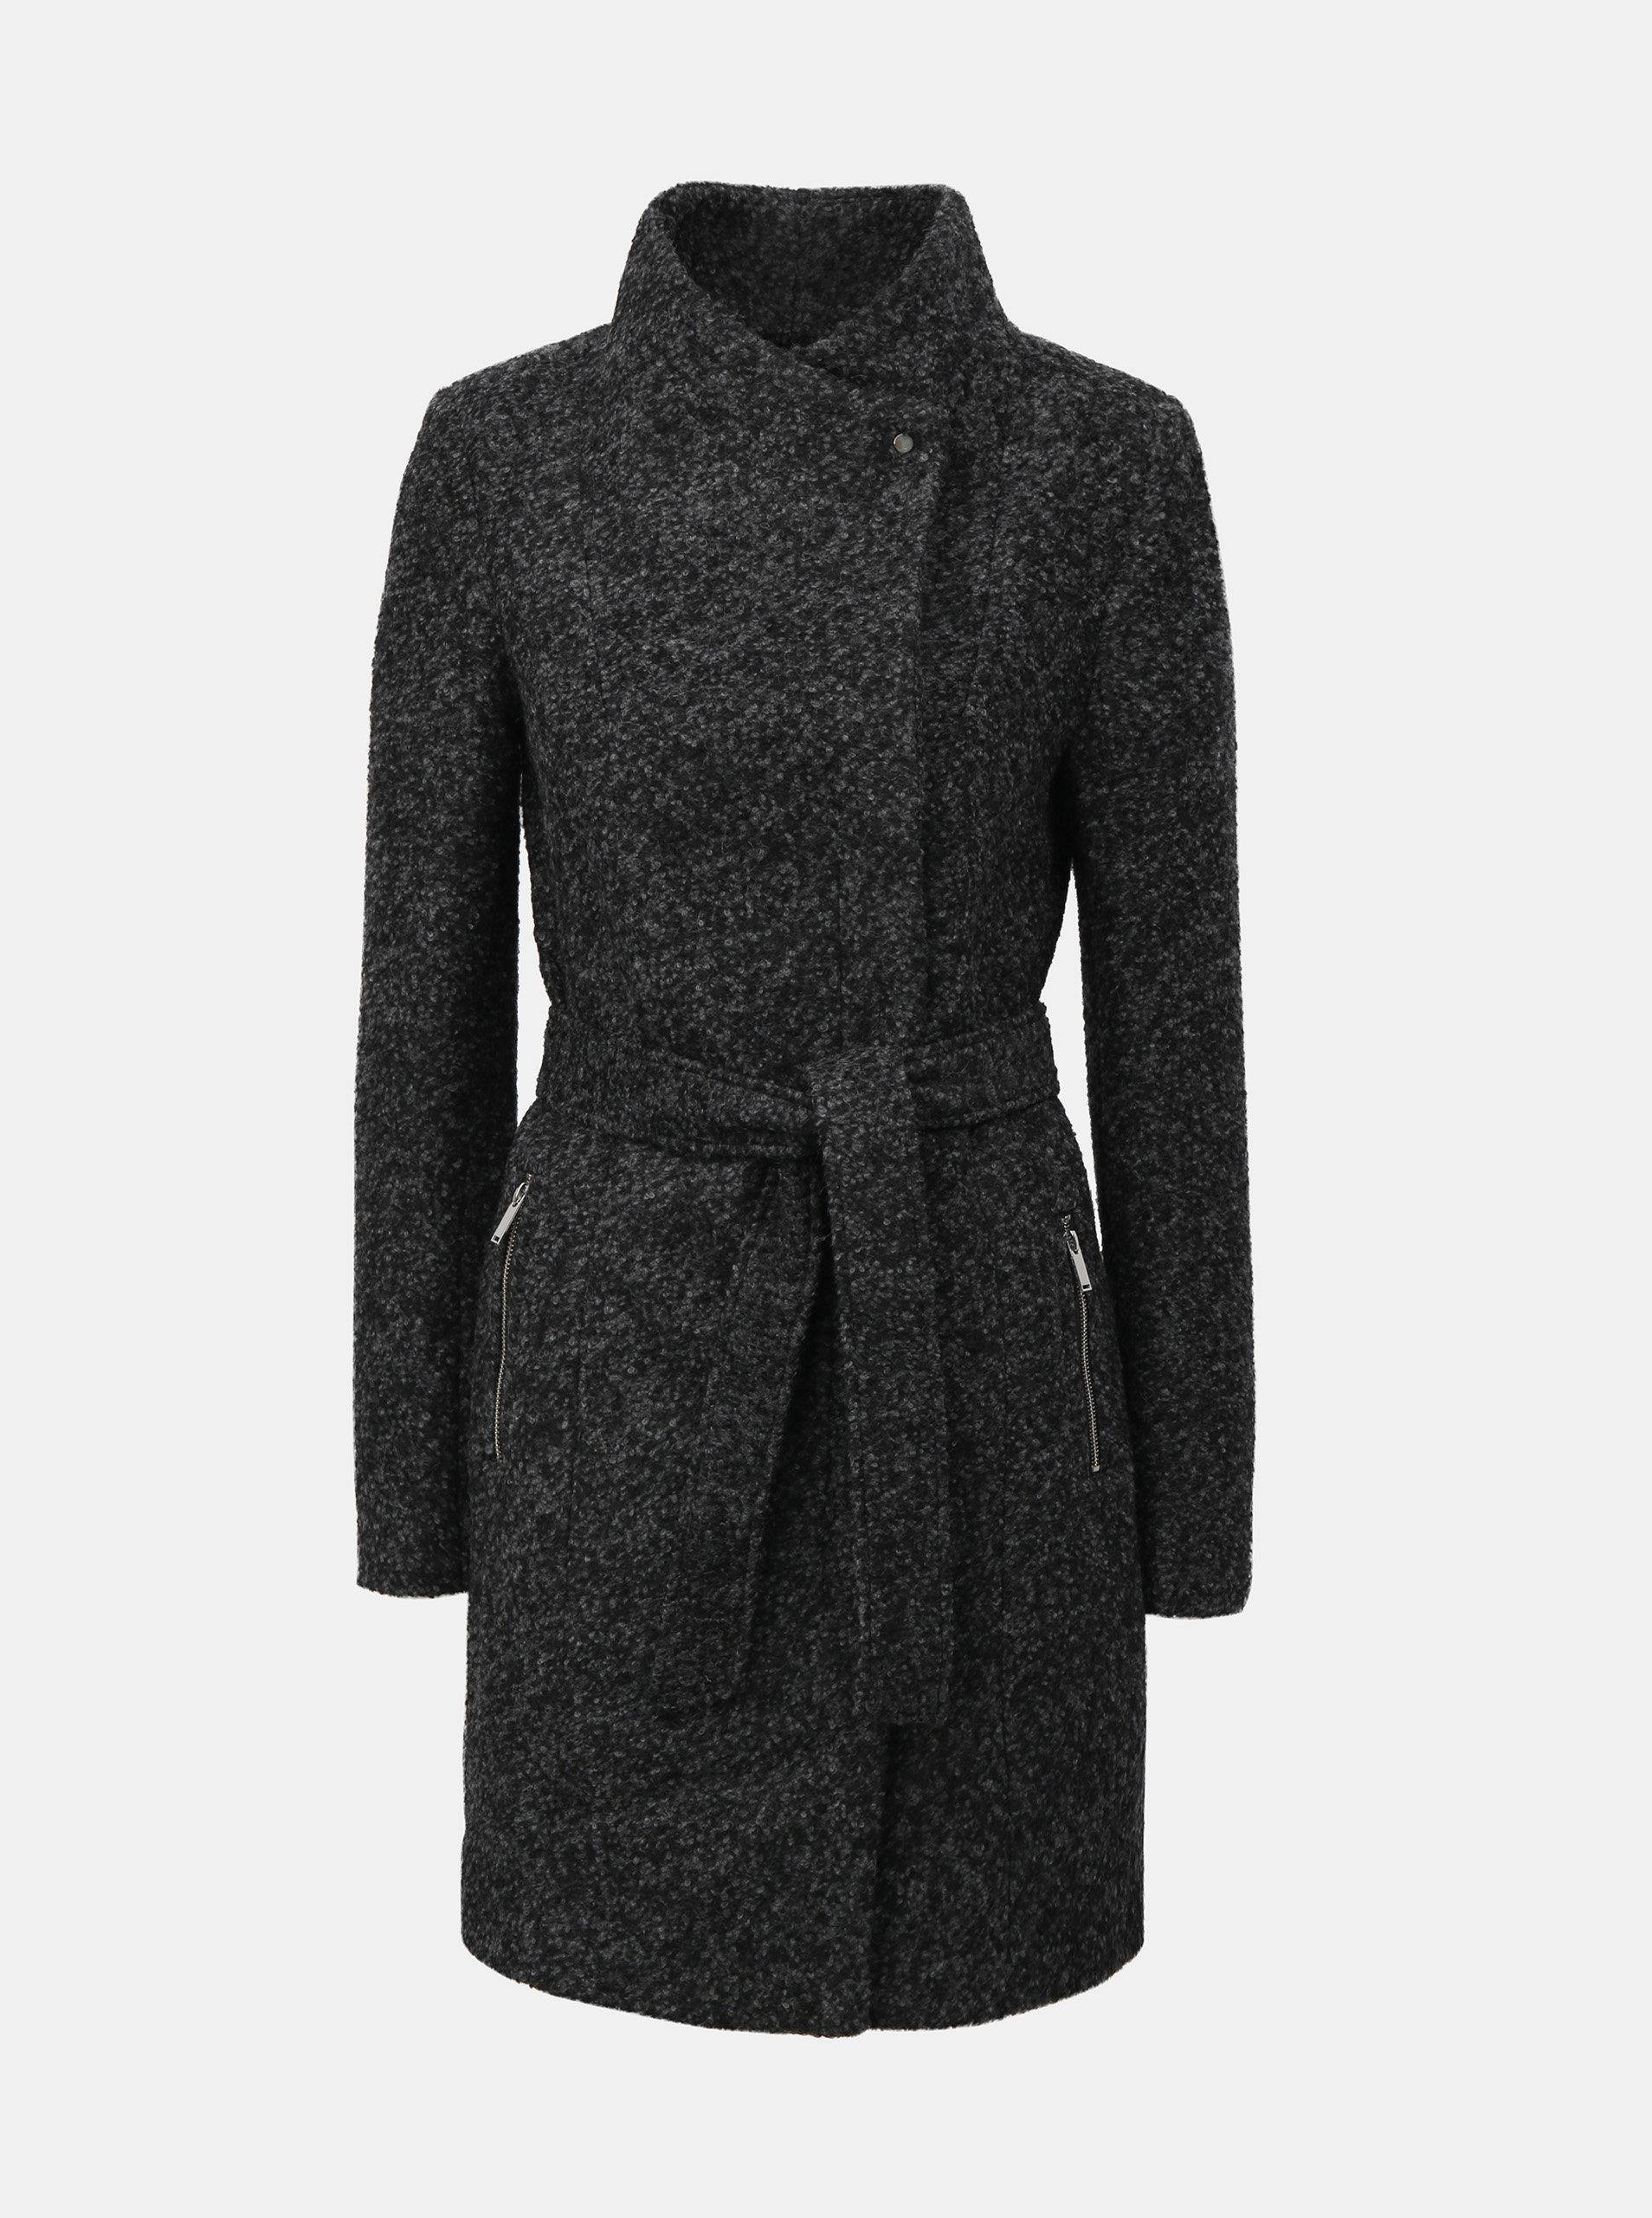 Černo-šedý žíhaný kabát s páskem a příměsí vlny VERO MODA Boos